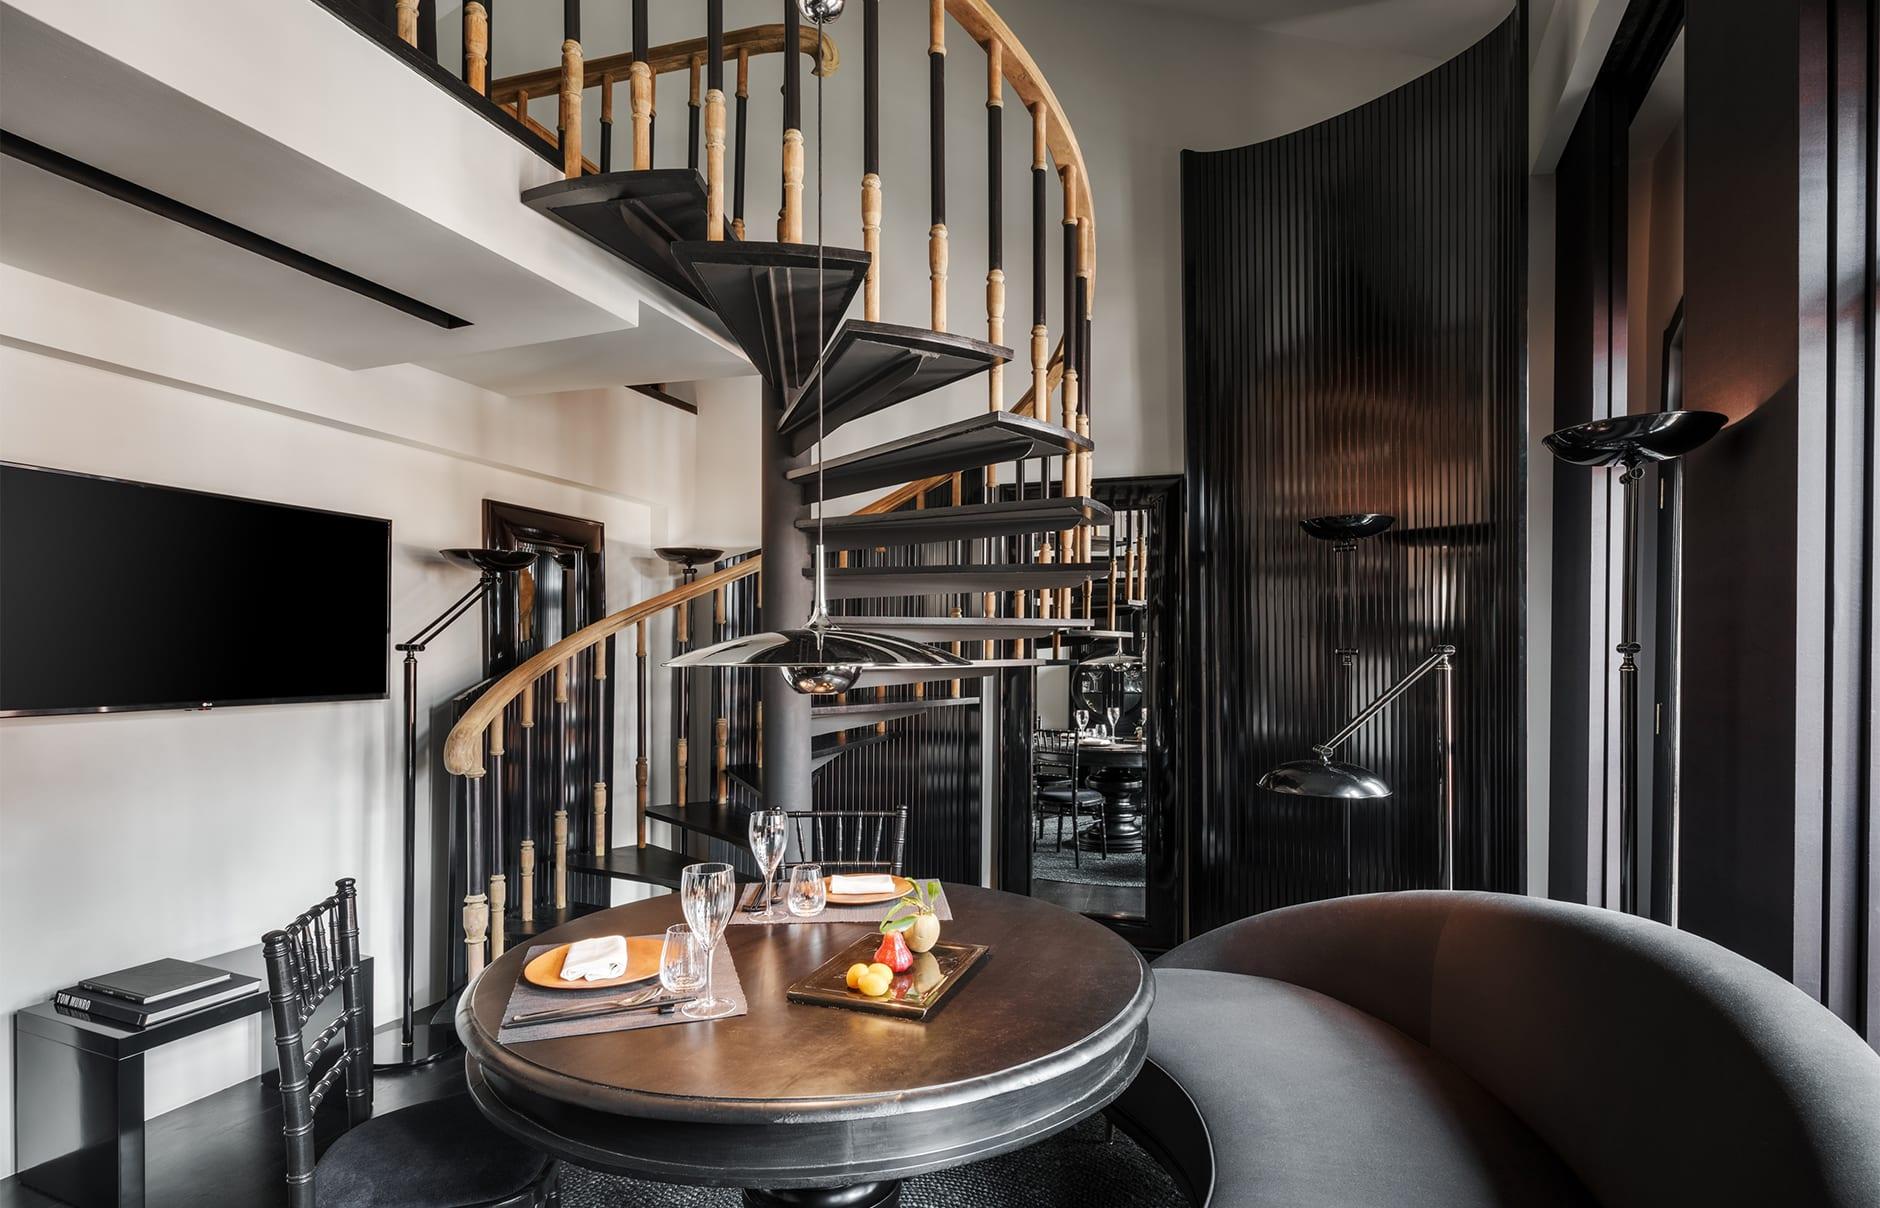 Six Senses Duxton, Singapore. Duxton Duplex Suite. Luxury Hotel Review by TravelPlusStyle. Photo © Six Senses Hotels Resorts Spas